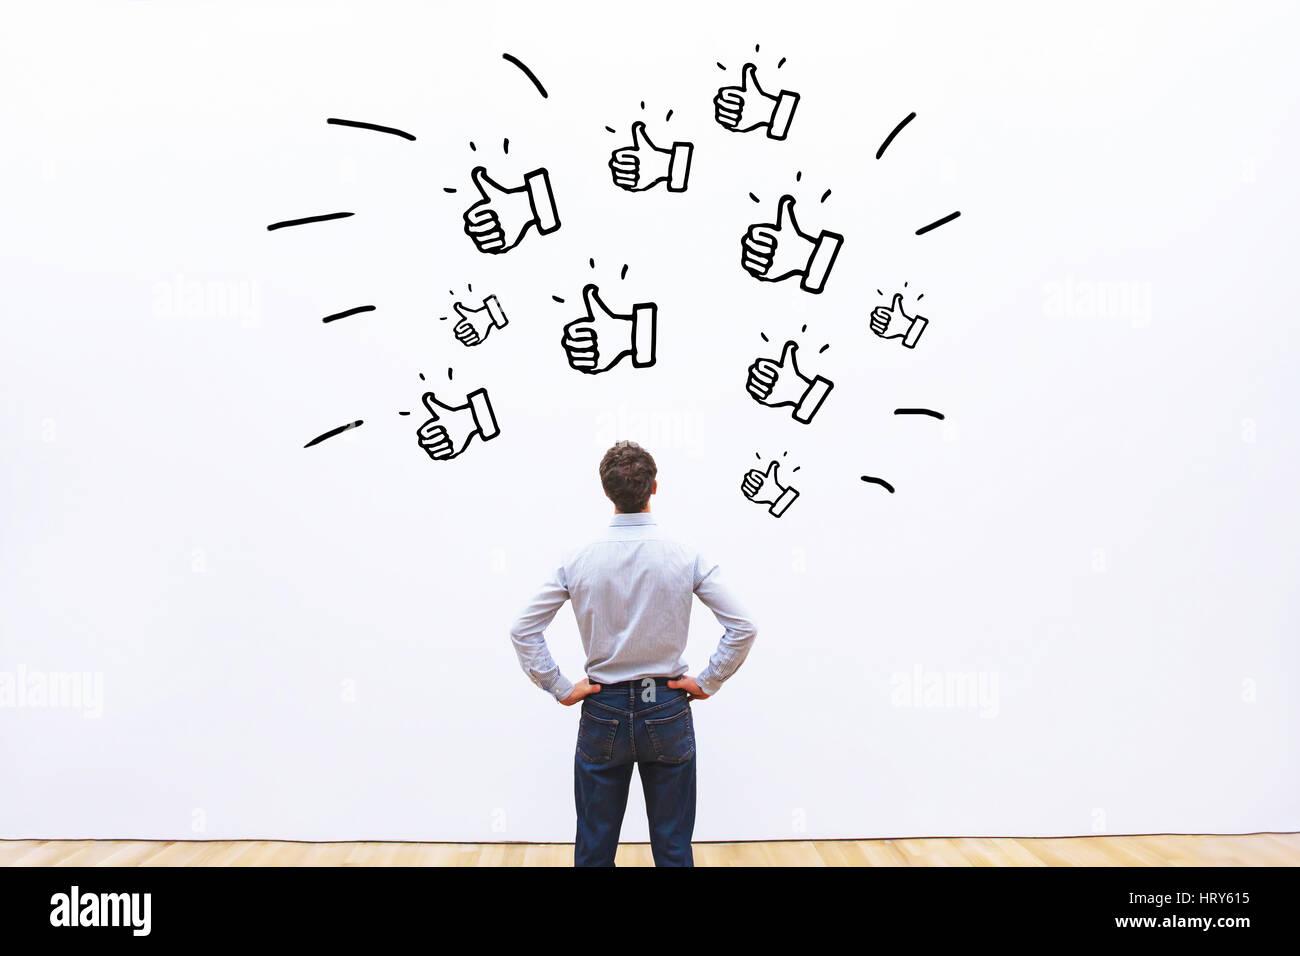 Ama su reti sociali, positivo il feedback del cliente per azienda, concetto di popolarità Immagini Stock